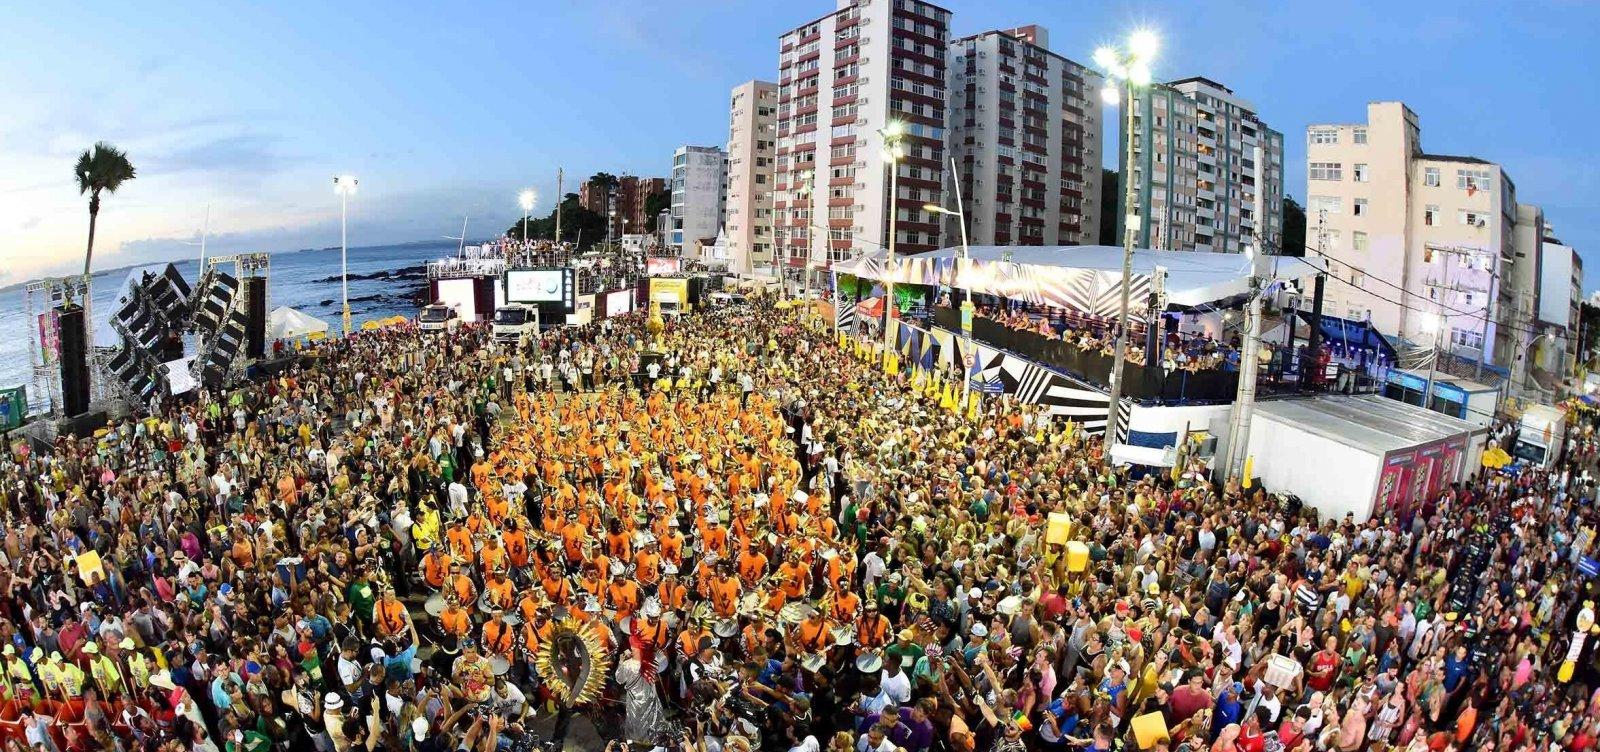 [Com festa cancelada e lives, foliões aguardam 'Carnaval diferente']